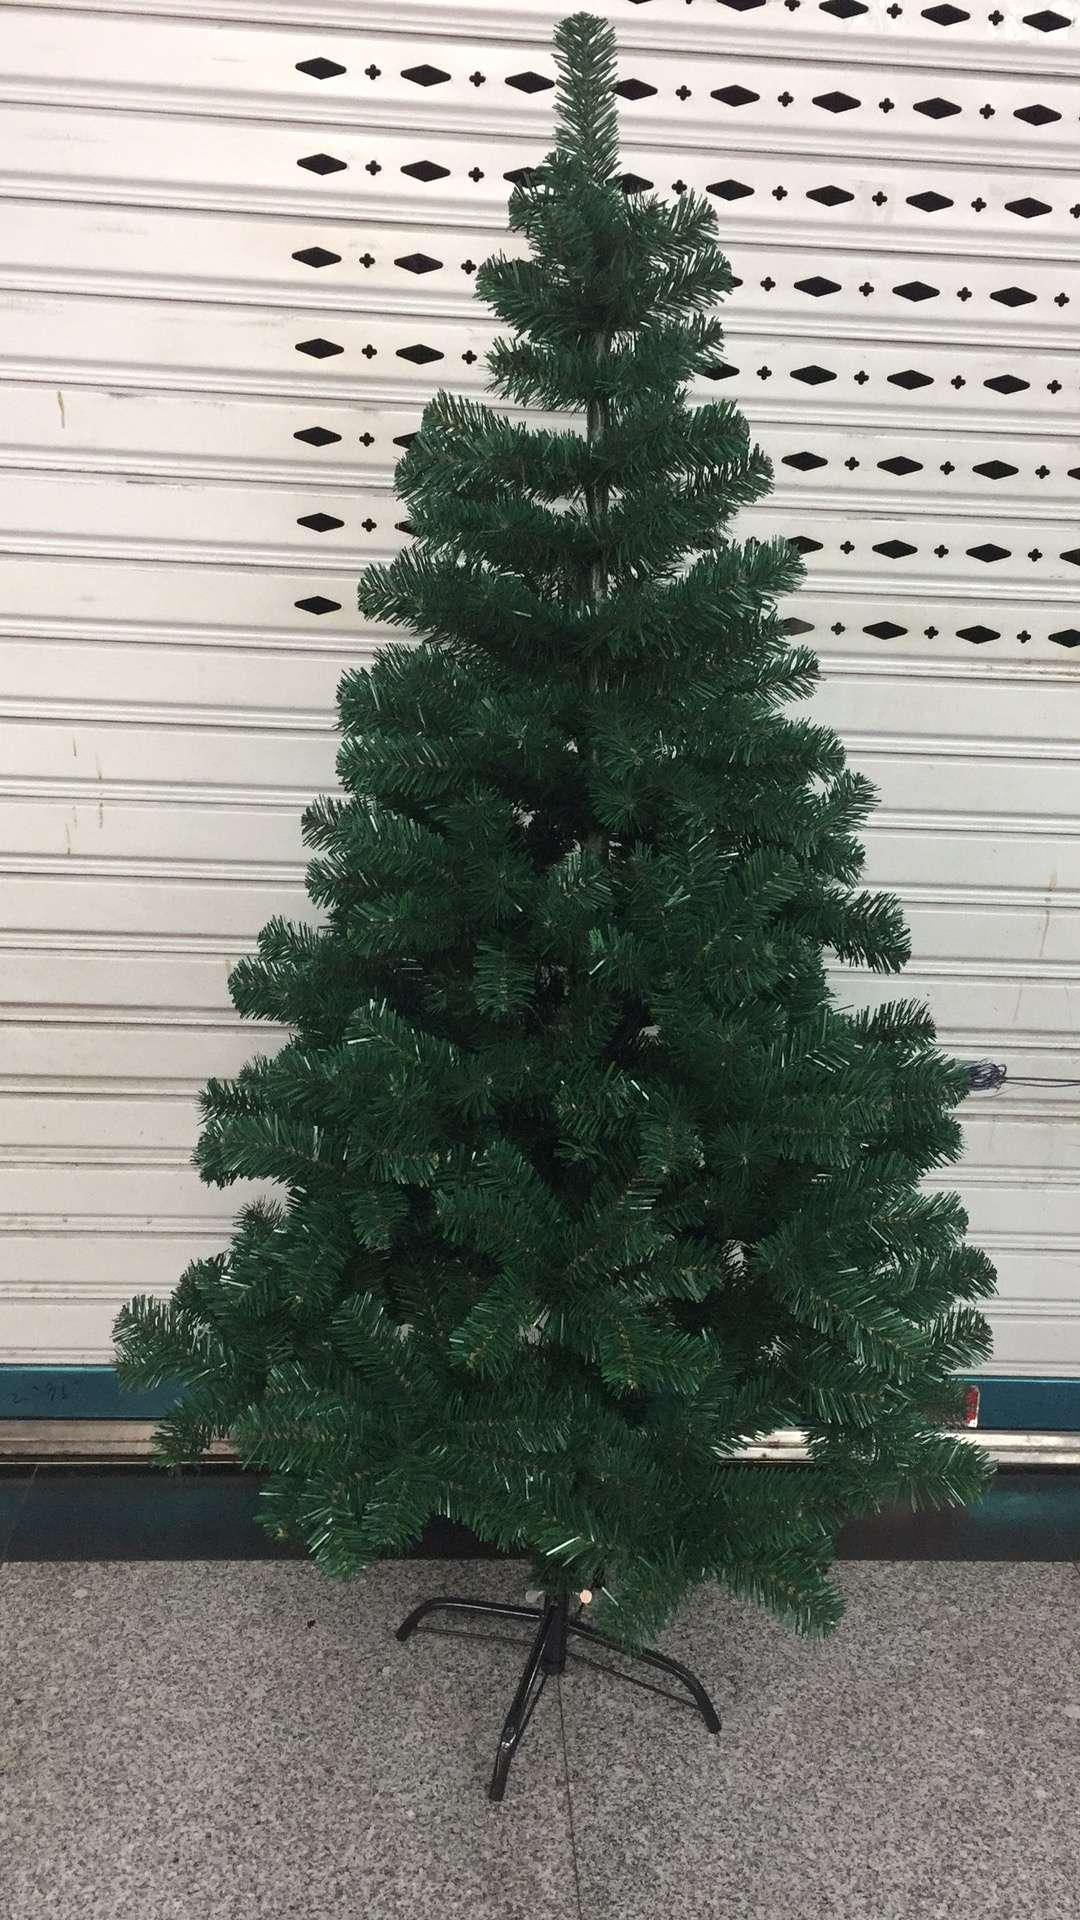 普通1.5米圣诞树